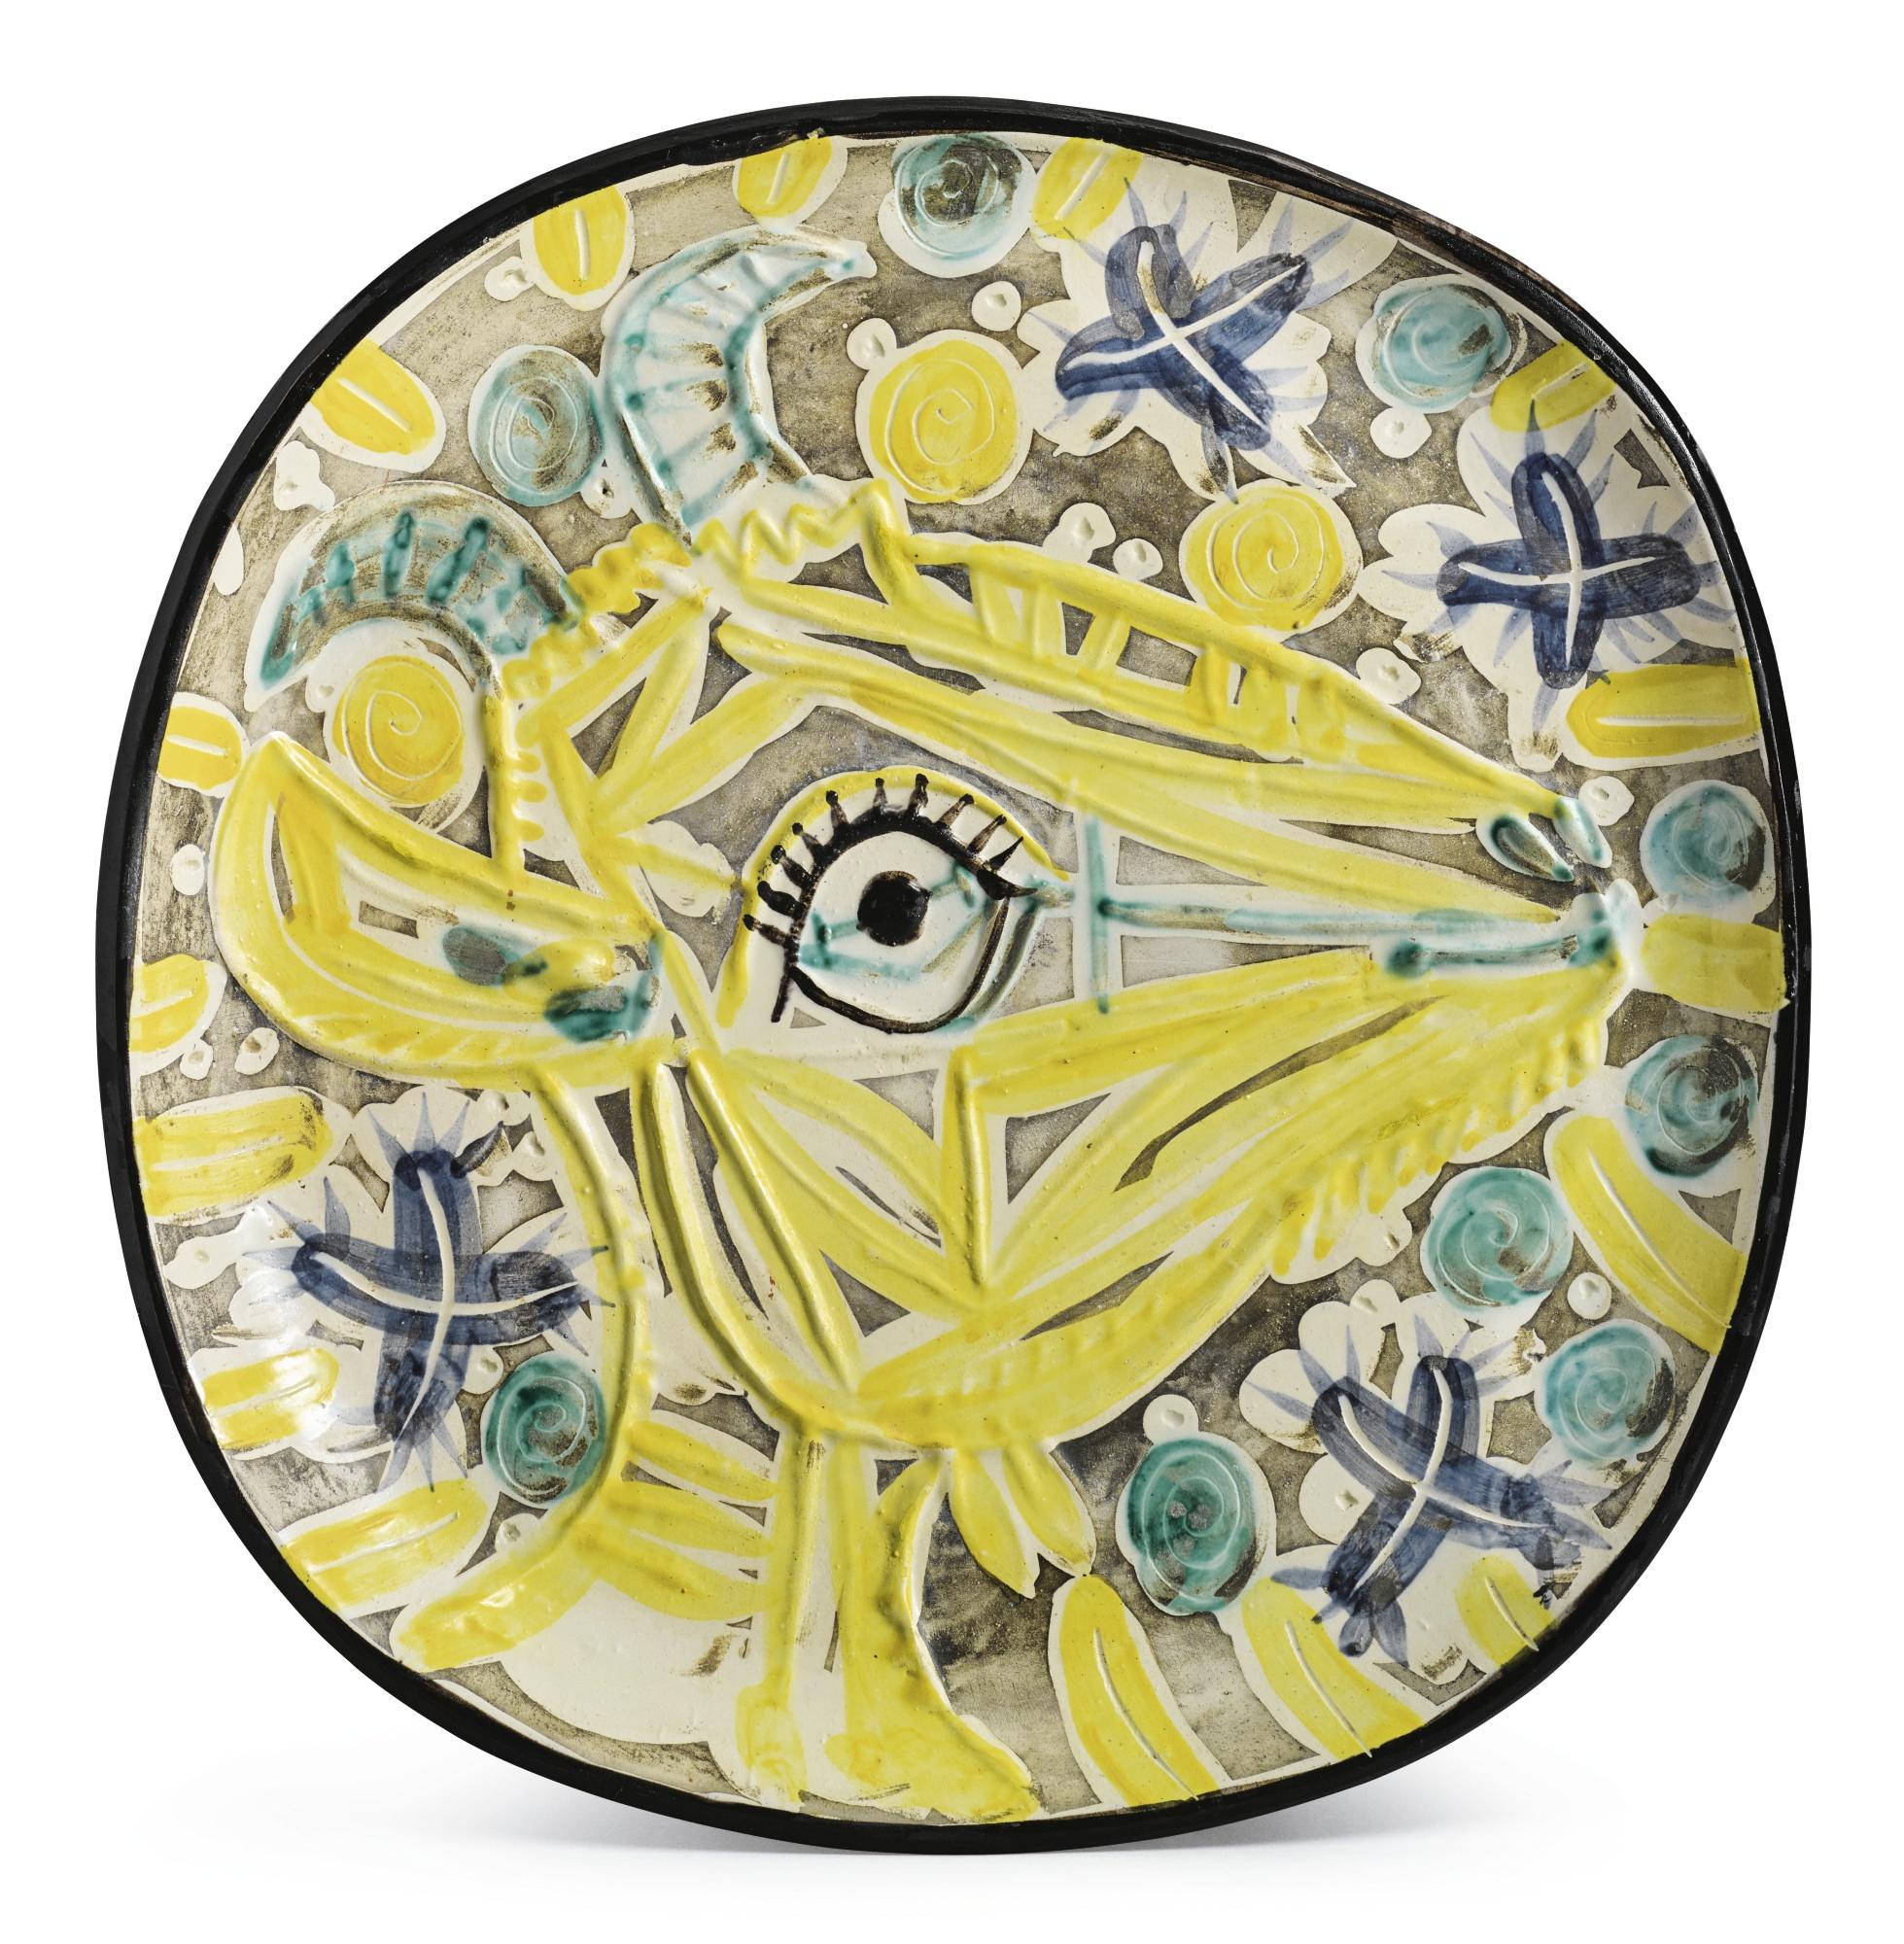 Pablo Picasso-Tete De Chevre De Profil (A.R. 154)-1952